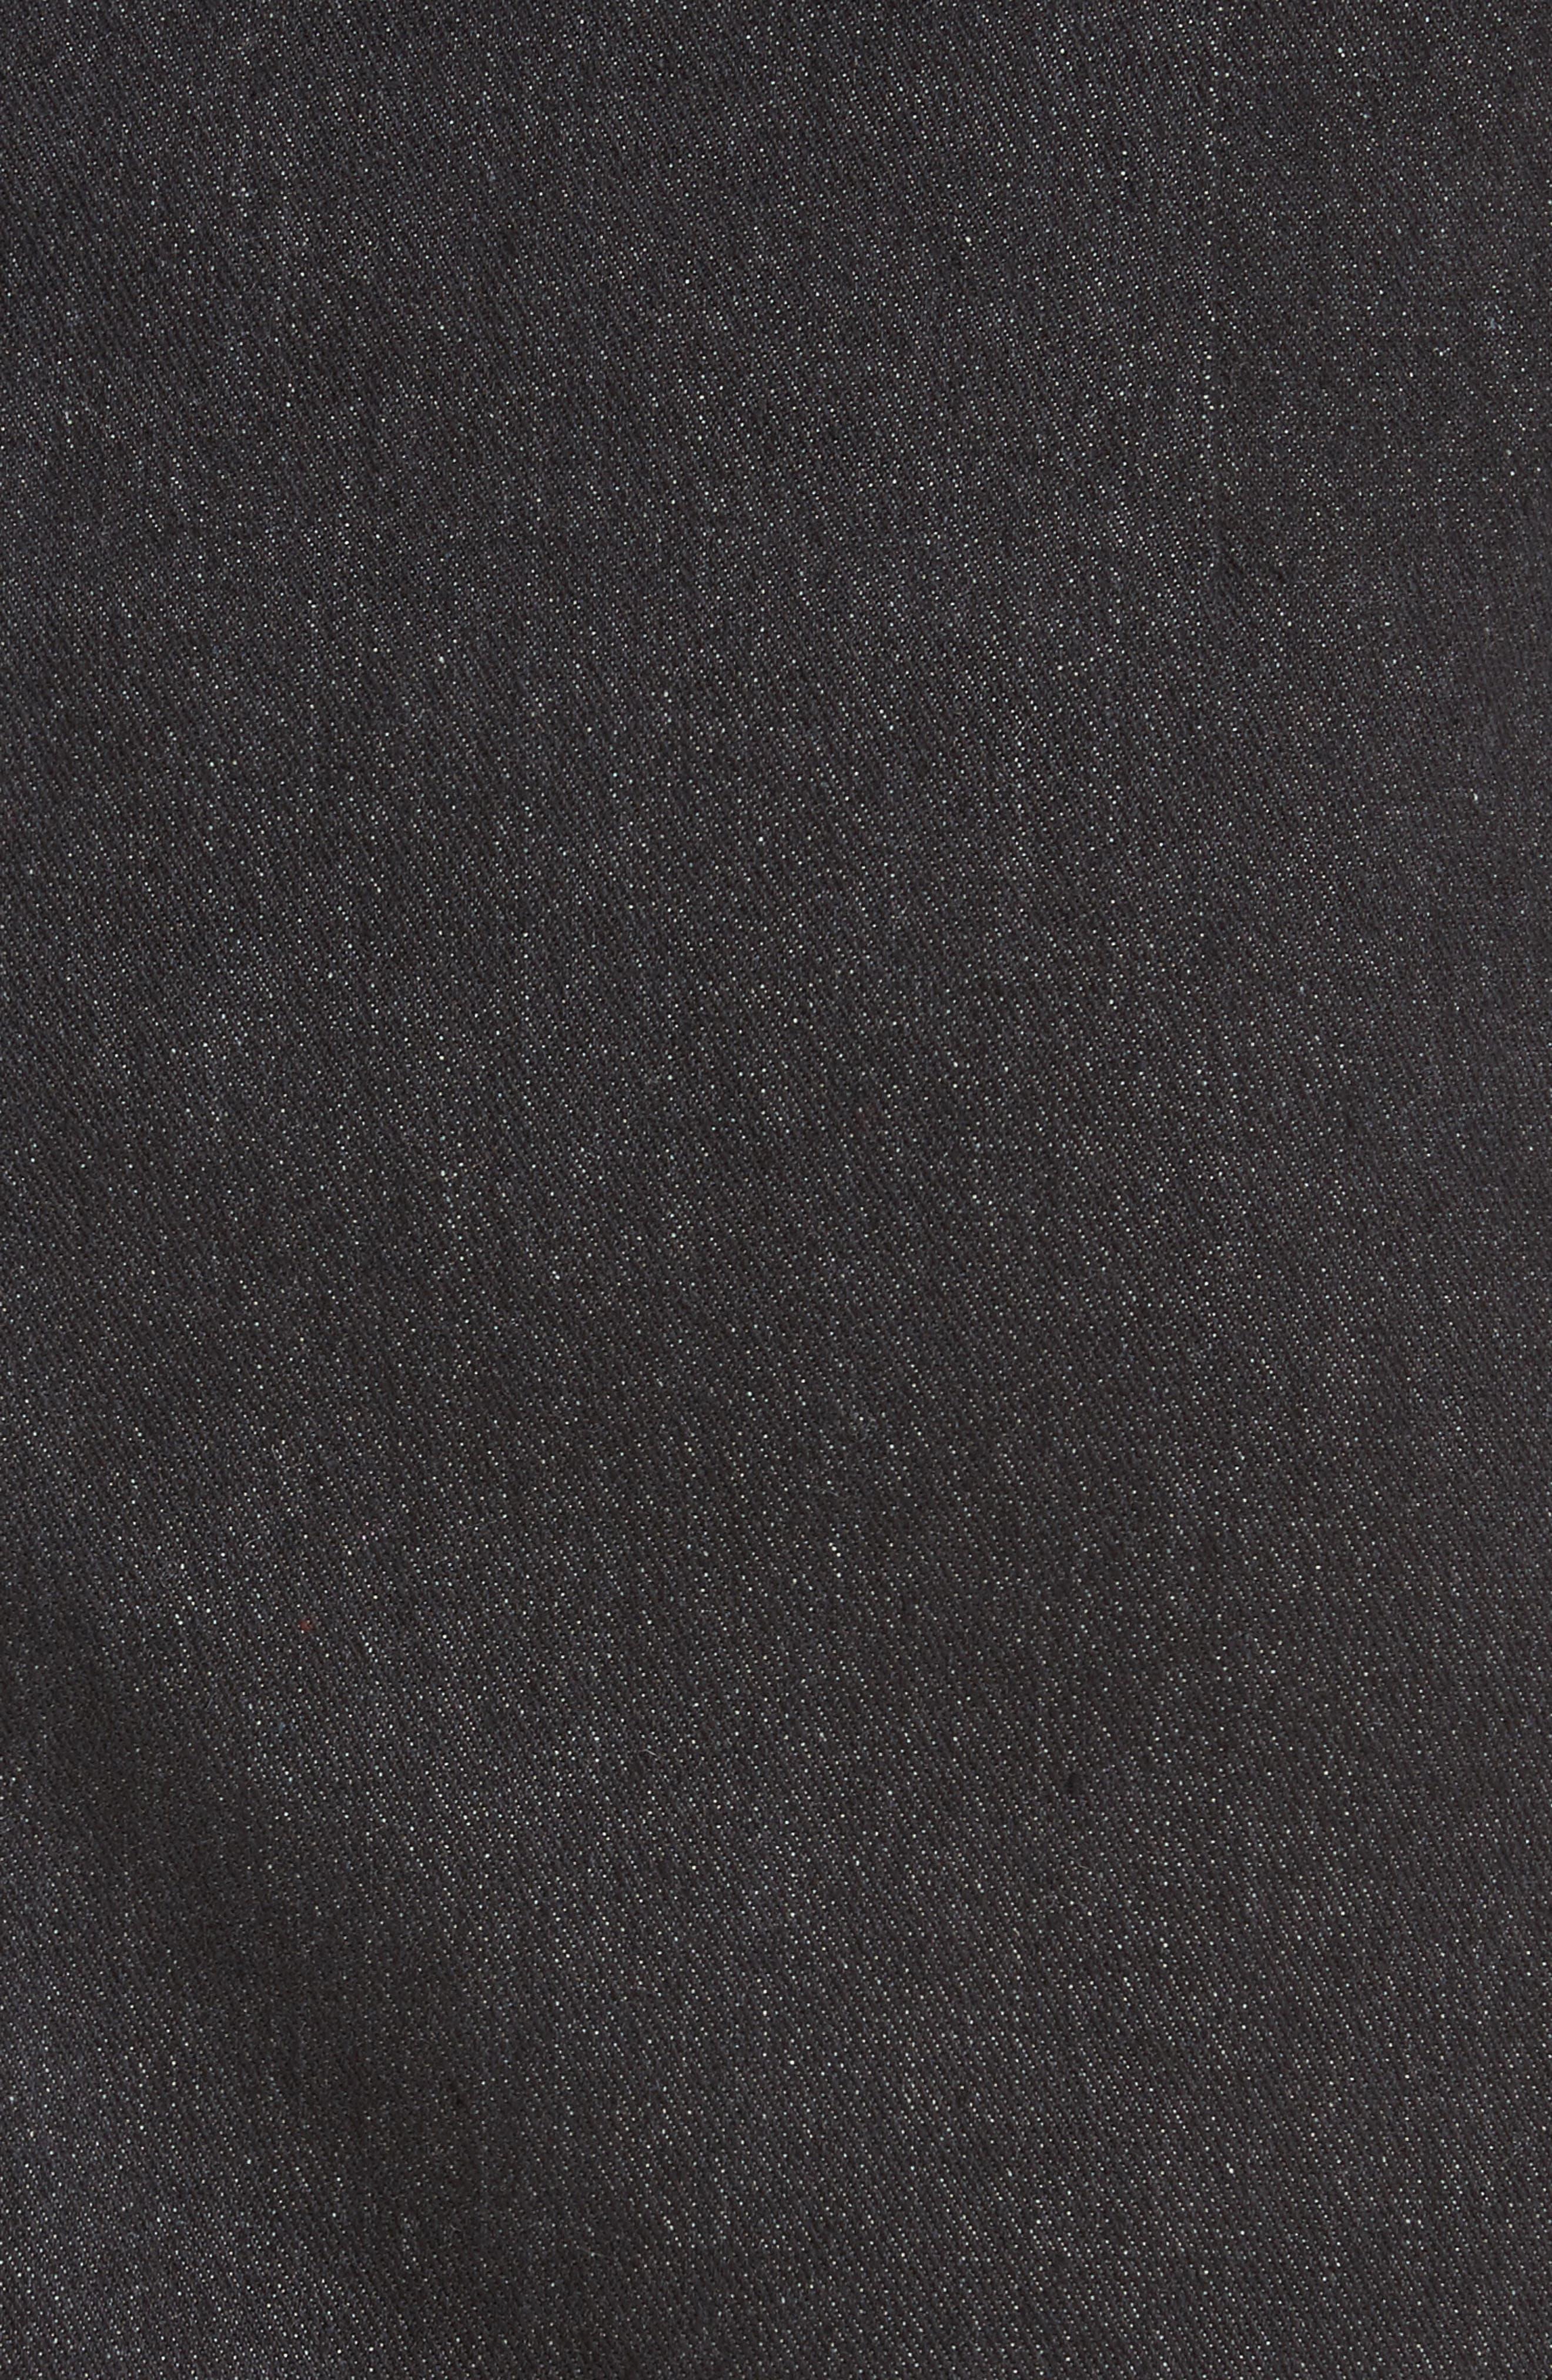 Belted Ruffle Denim Miniskirt,                             Alternate thumbnail 6, color,                             Cotton Denim Black